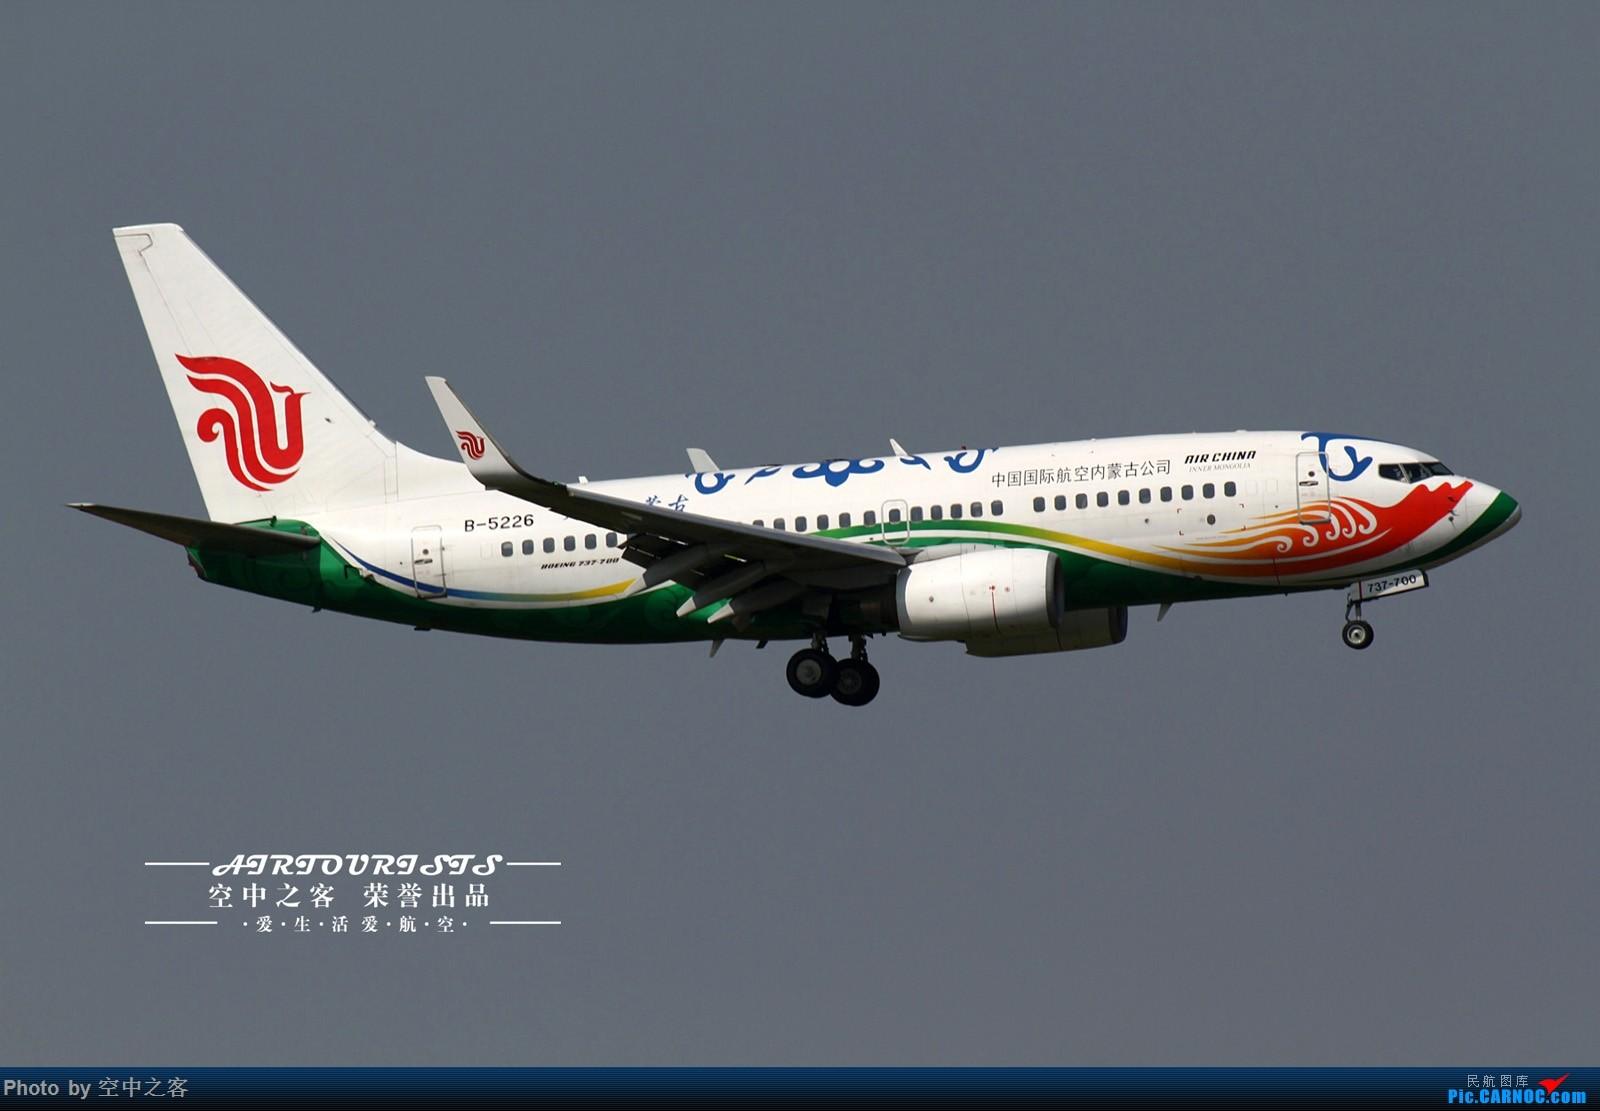 [原创][合肥飞友会·霸都打机队 空中之客出品]少有的周末大晴天 来一场说走就走的拍机(1+1) BOEING 737-700 B-5226 合肥新桥国际机场